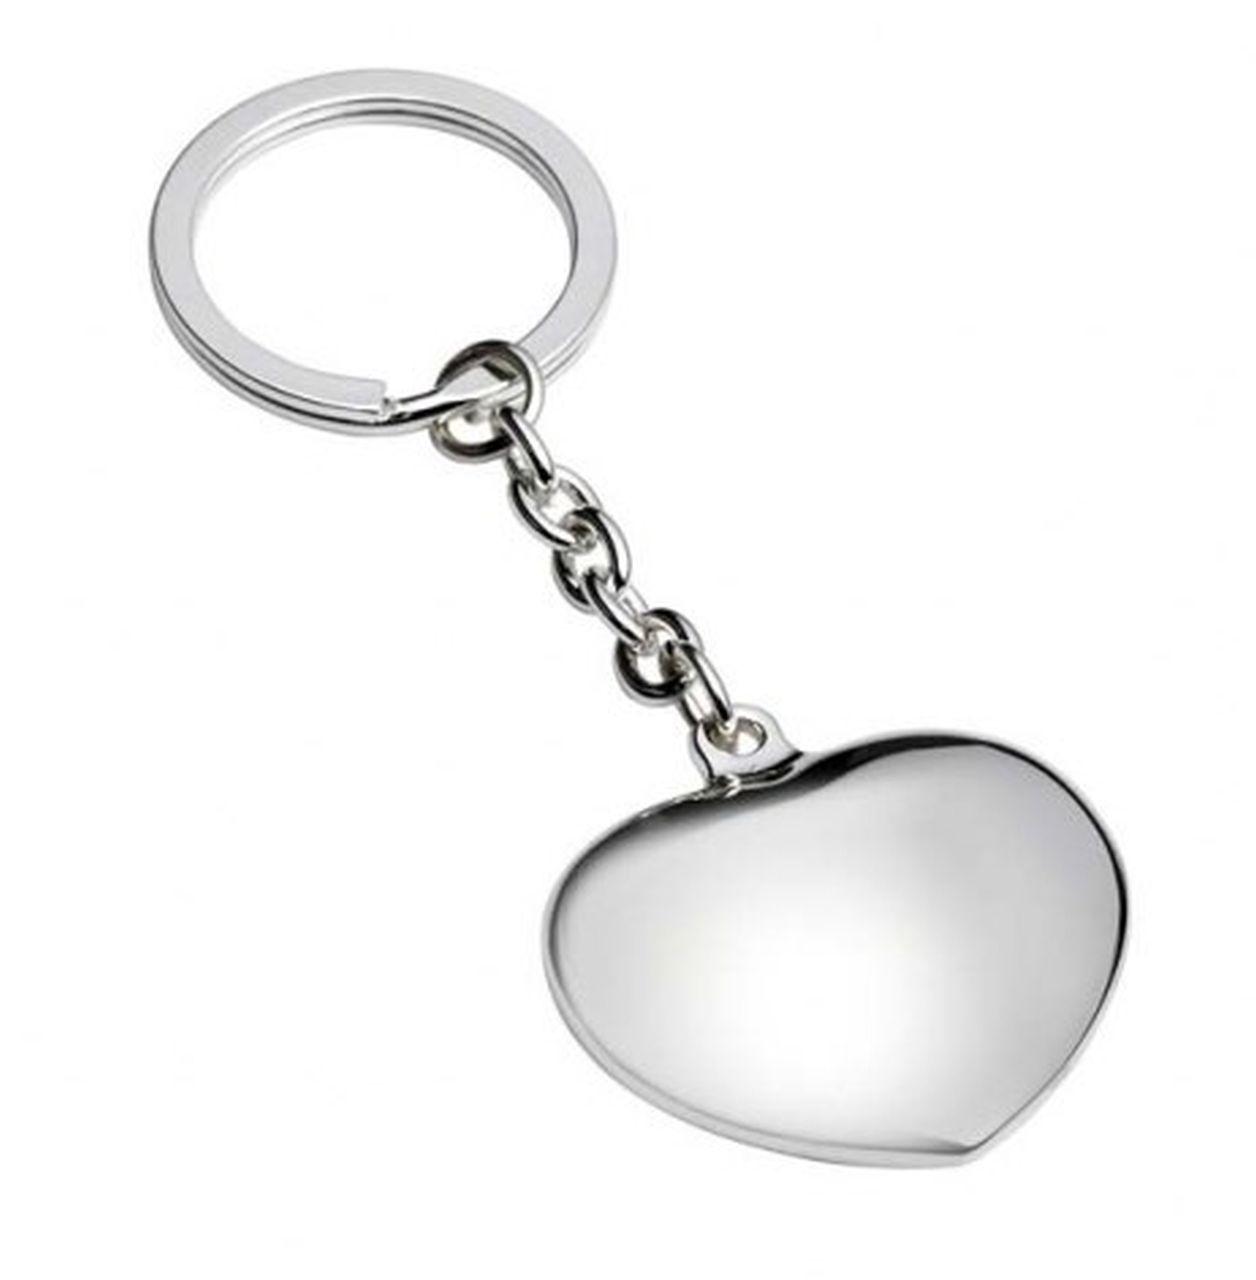 Portachiavi cuore pendente silver plated cm.11,5x4x2,5h